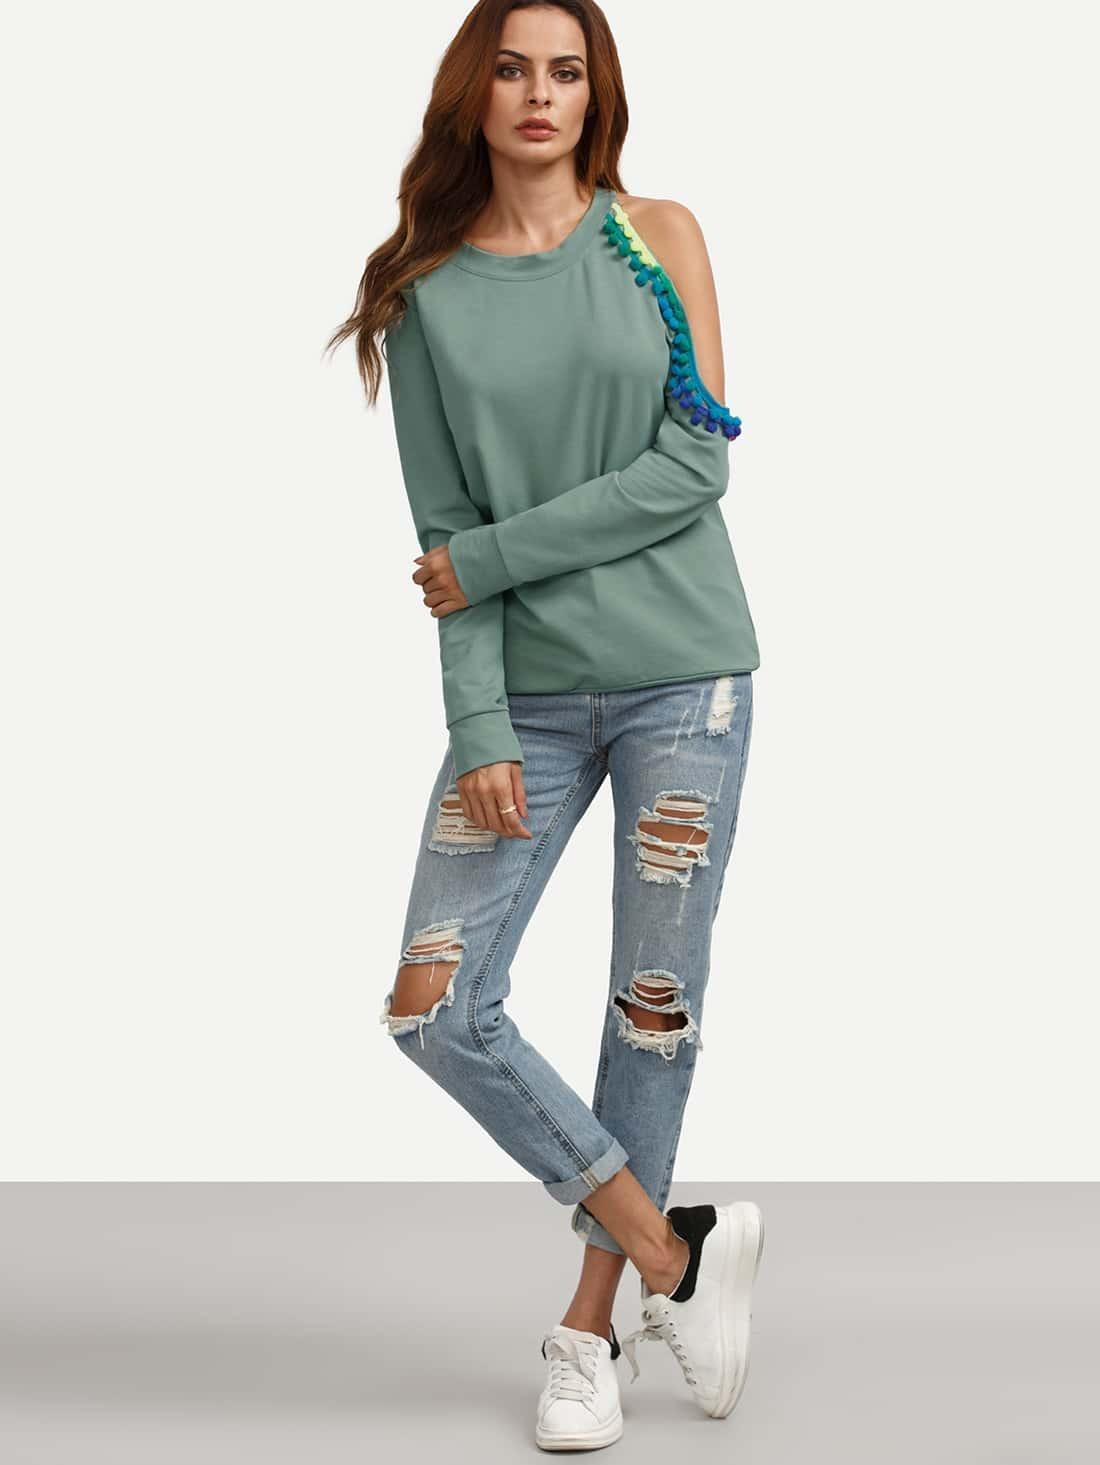 sweatshirt160901501_2